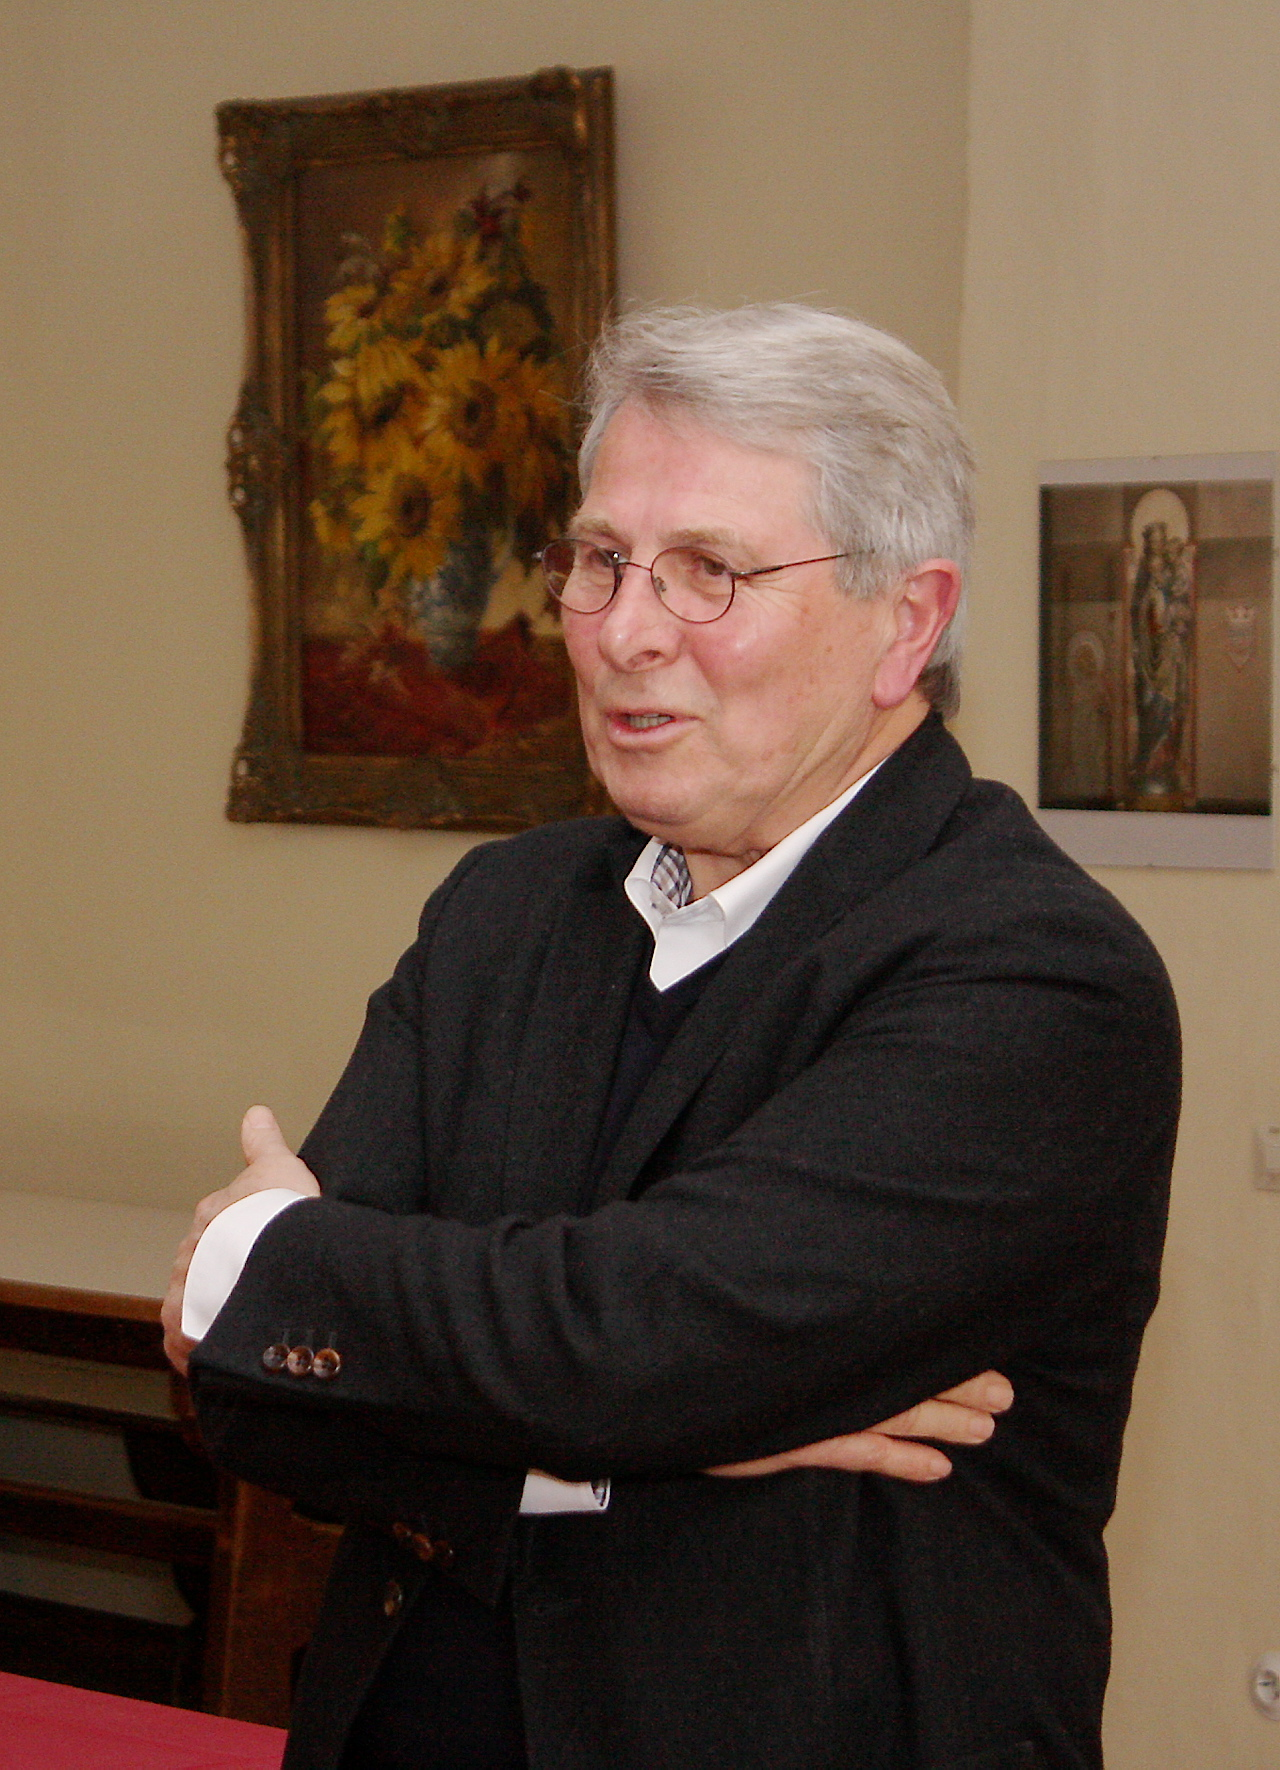 Wolfgang Scheidtweiler